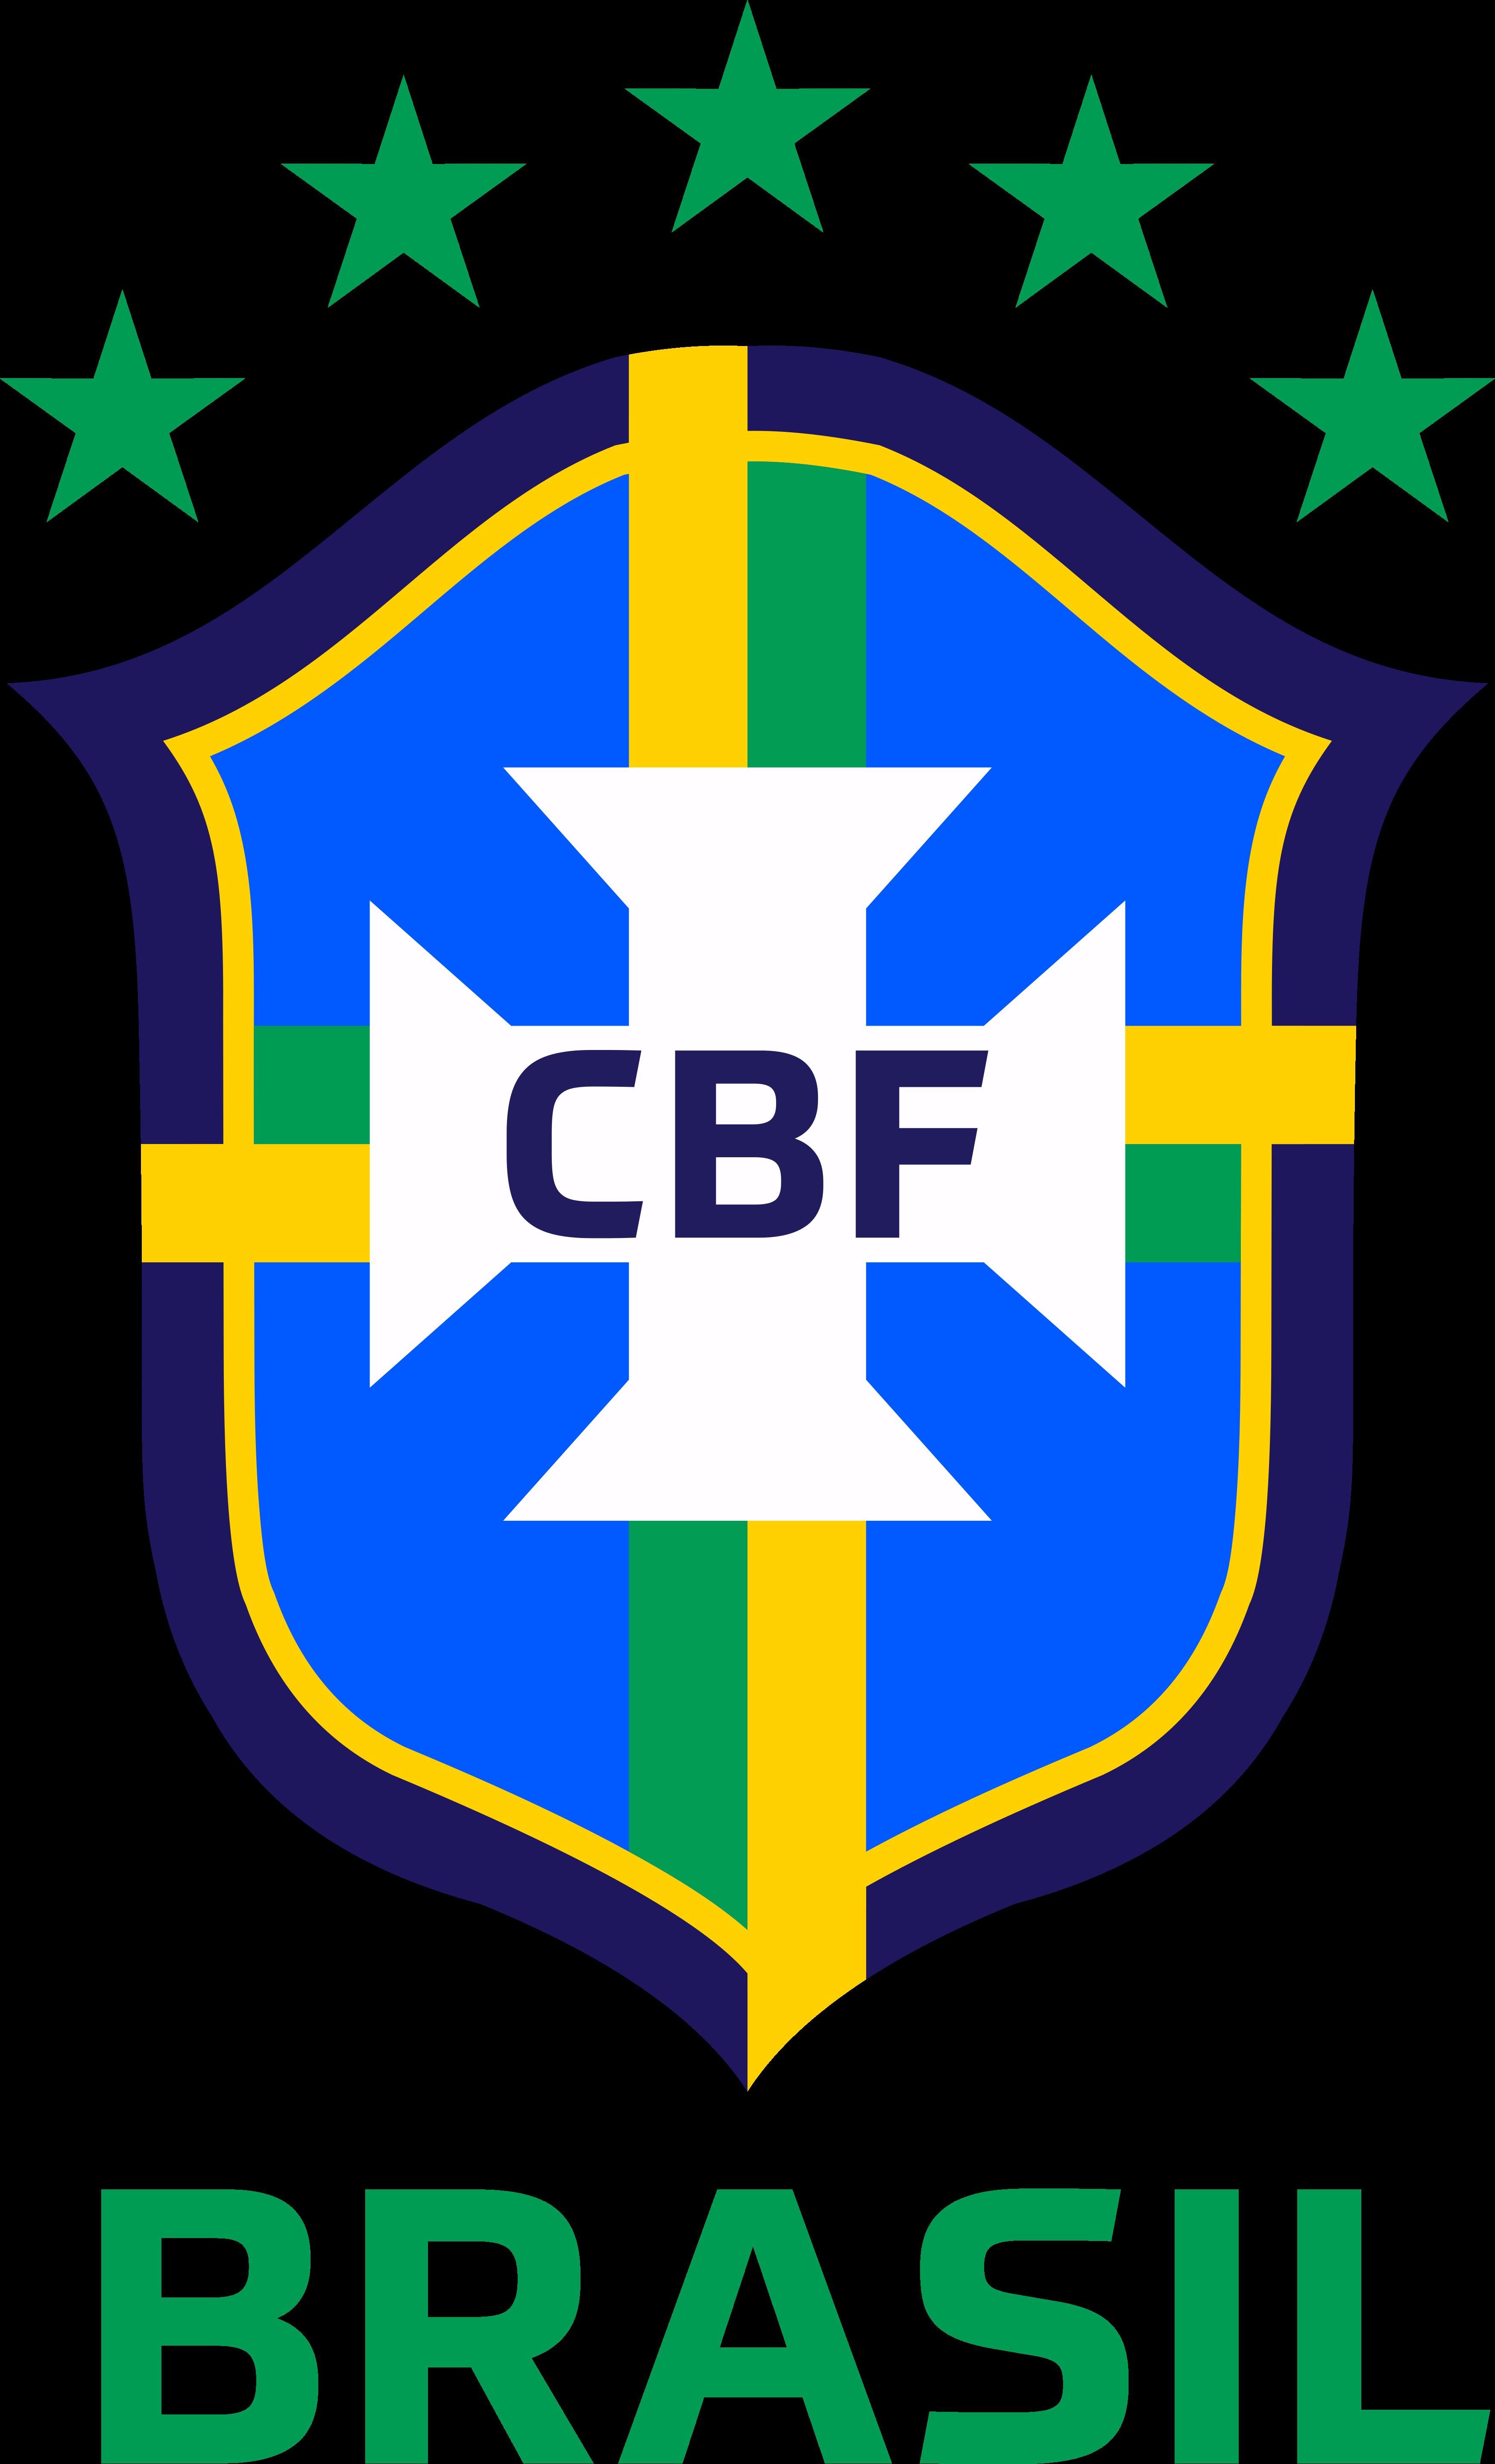 cbf logo selecao logo brasil 1 - CBF Logo - Confederação Brasileira de Futebol Logo